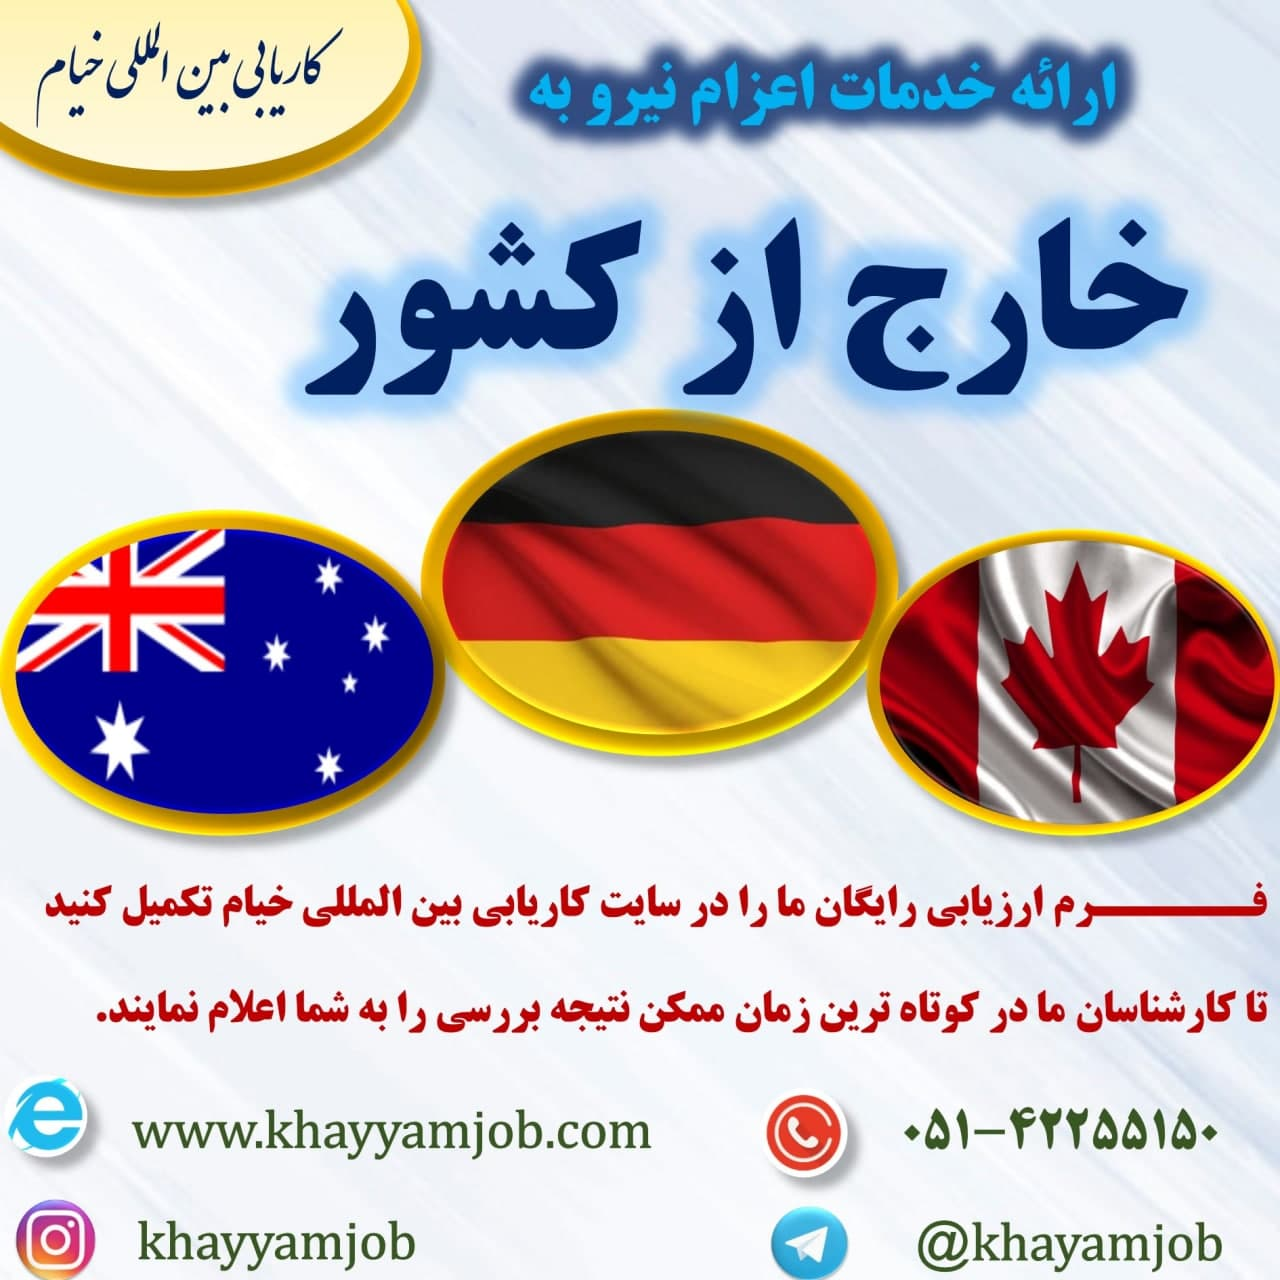 اخذ ویزای کار در کشور استرالیا و آلمان , عمان